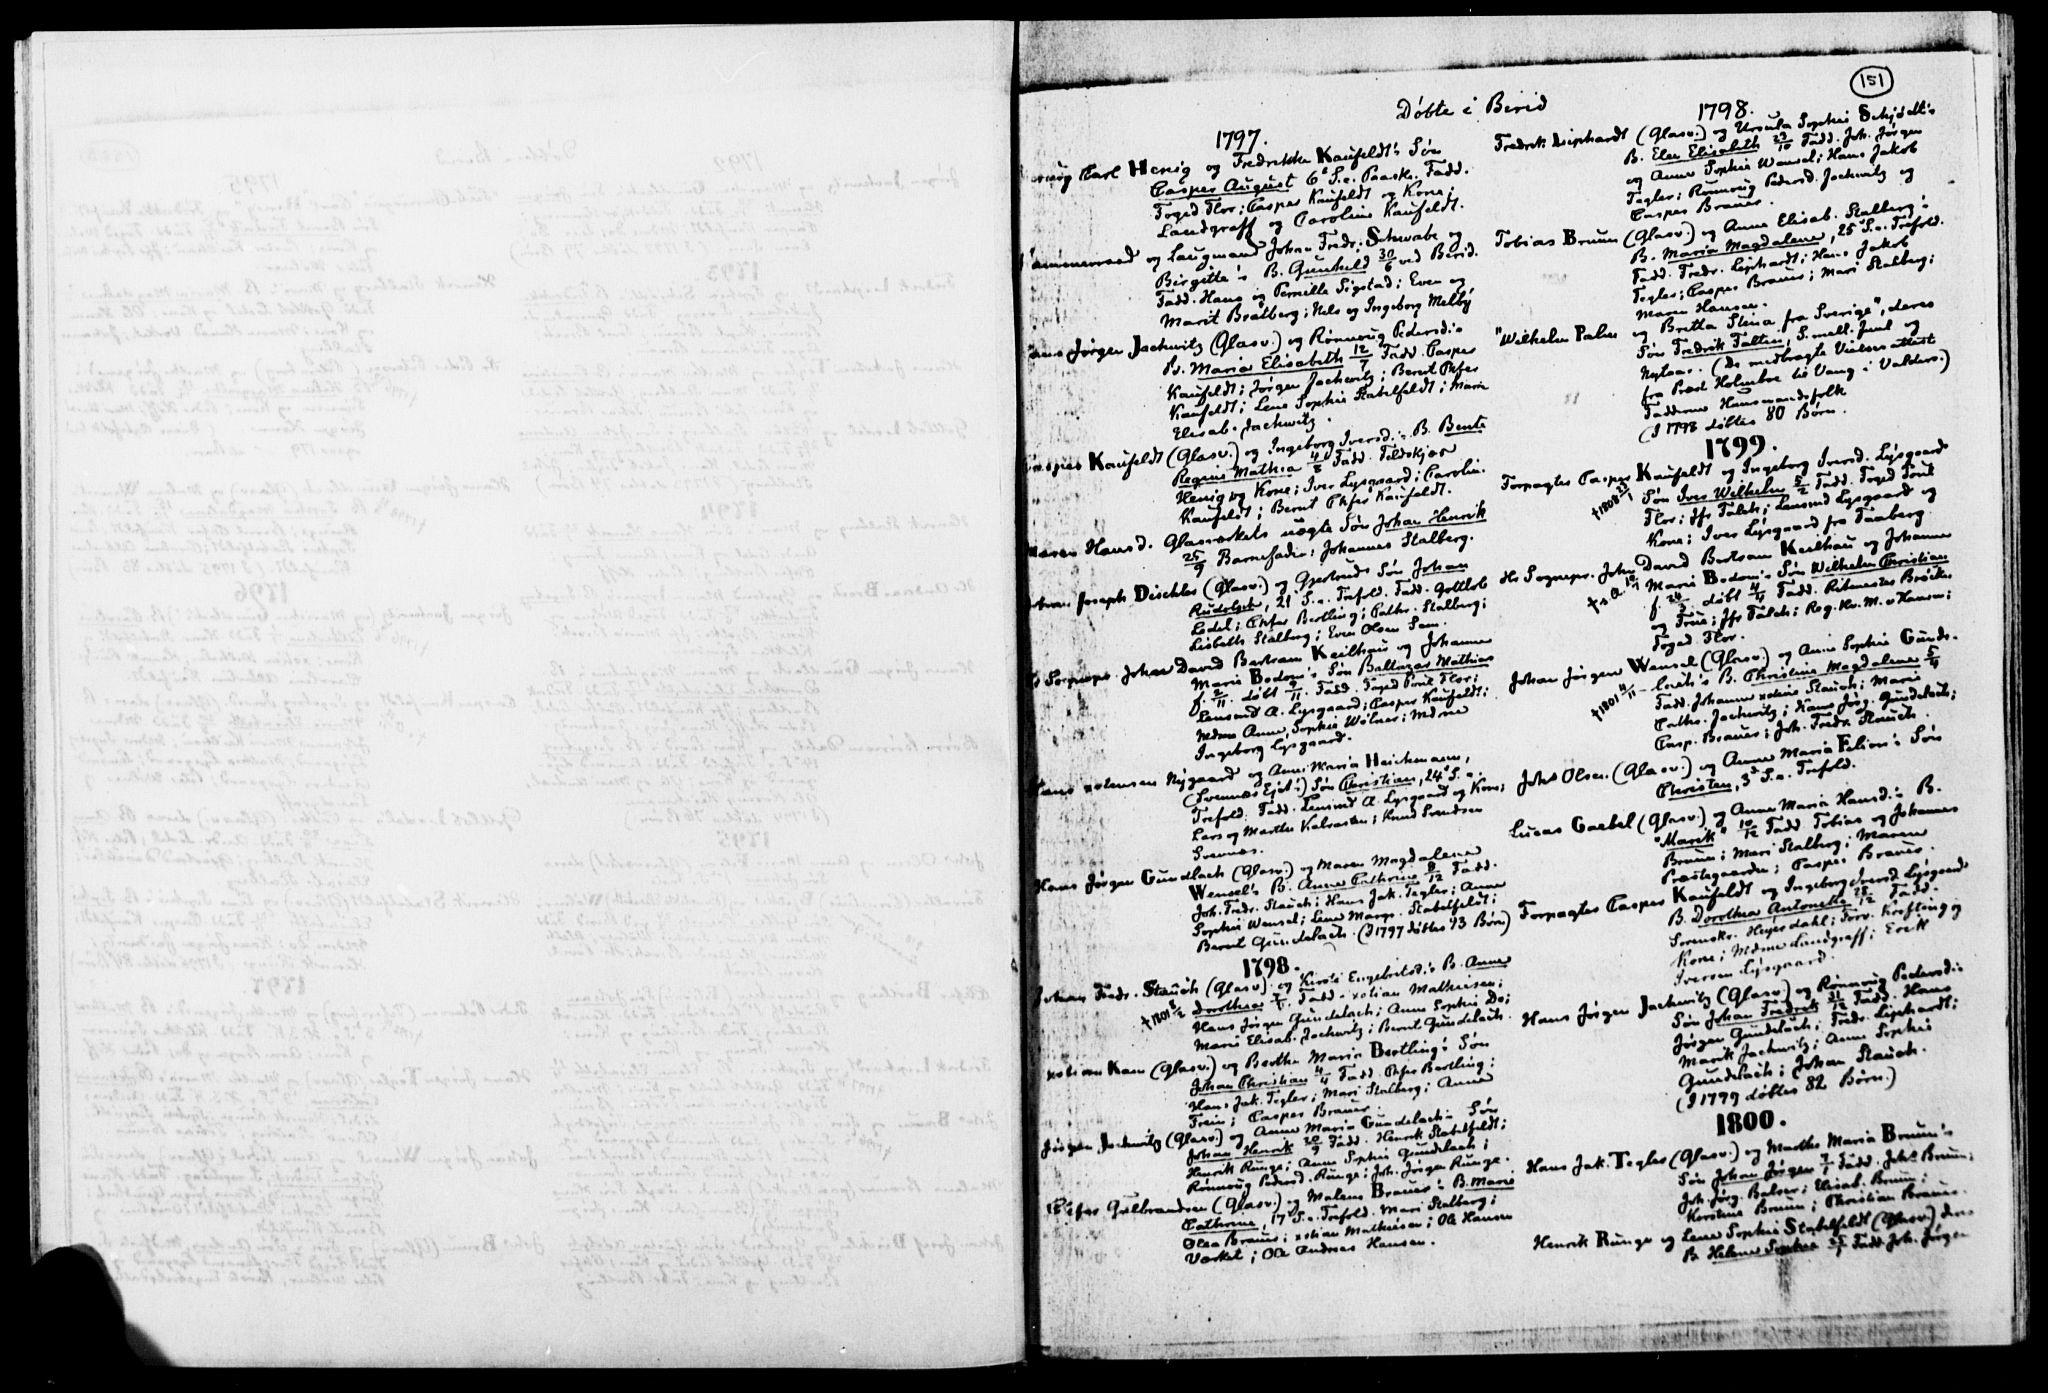 SAH, Biri prestekontor, Ministerialbok, 1730-1879, s. 151